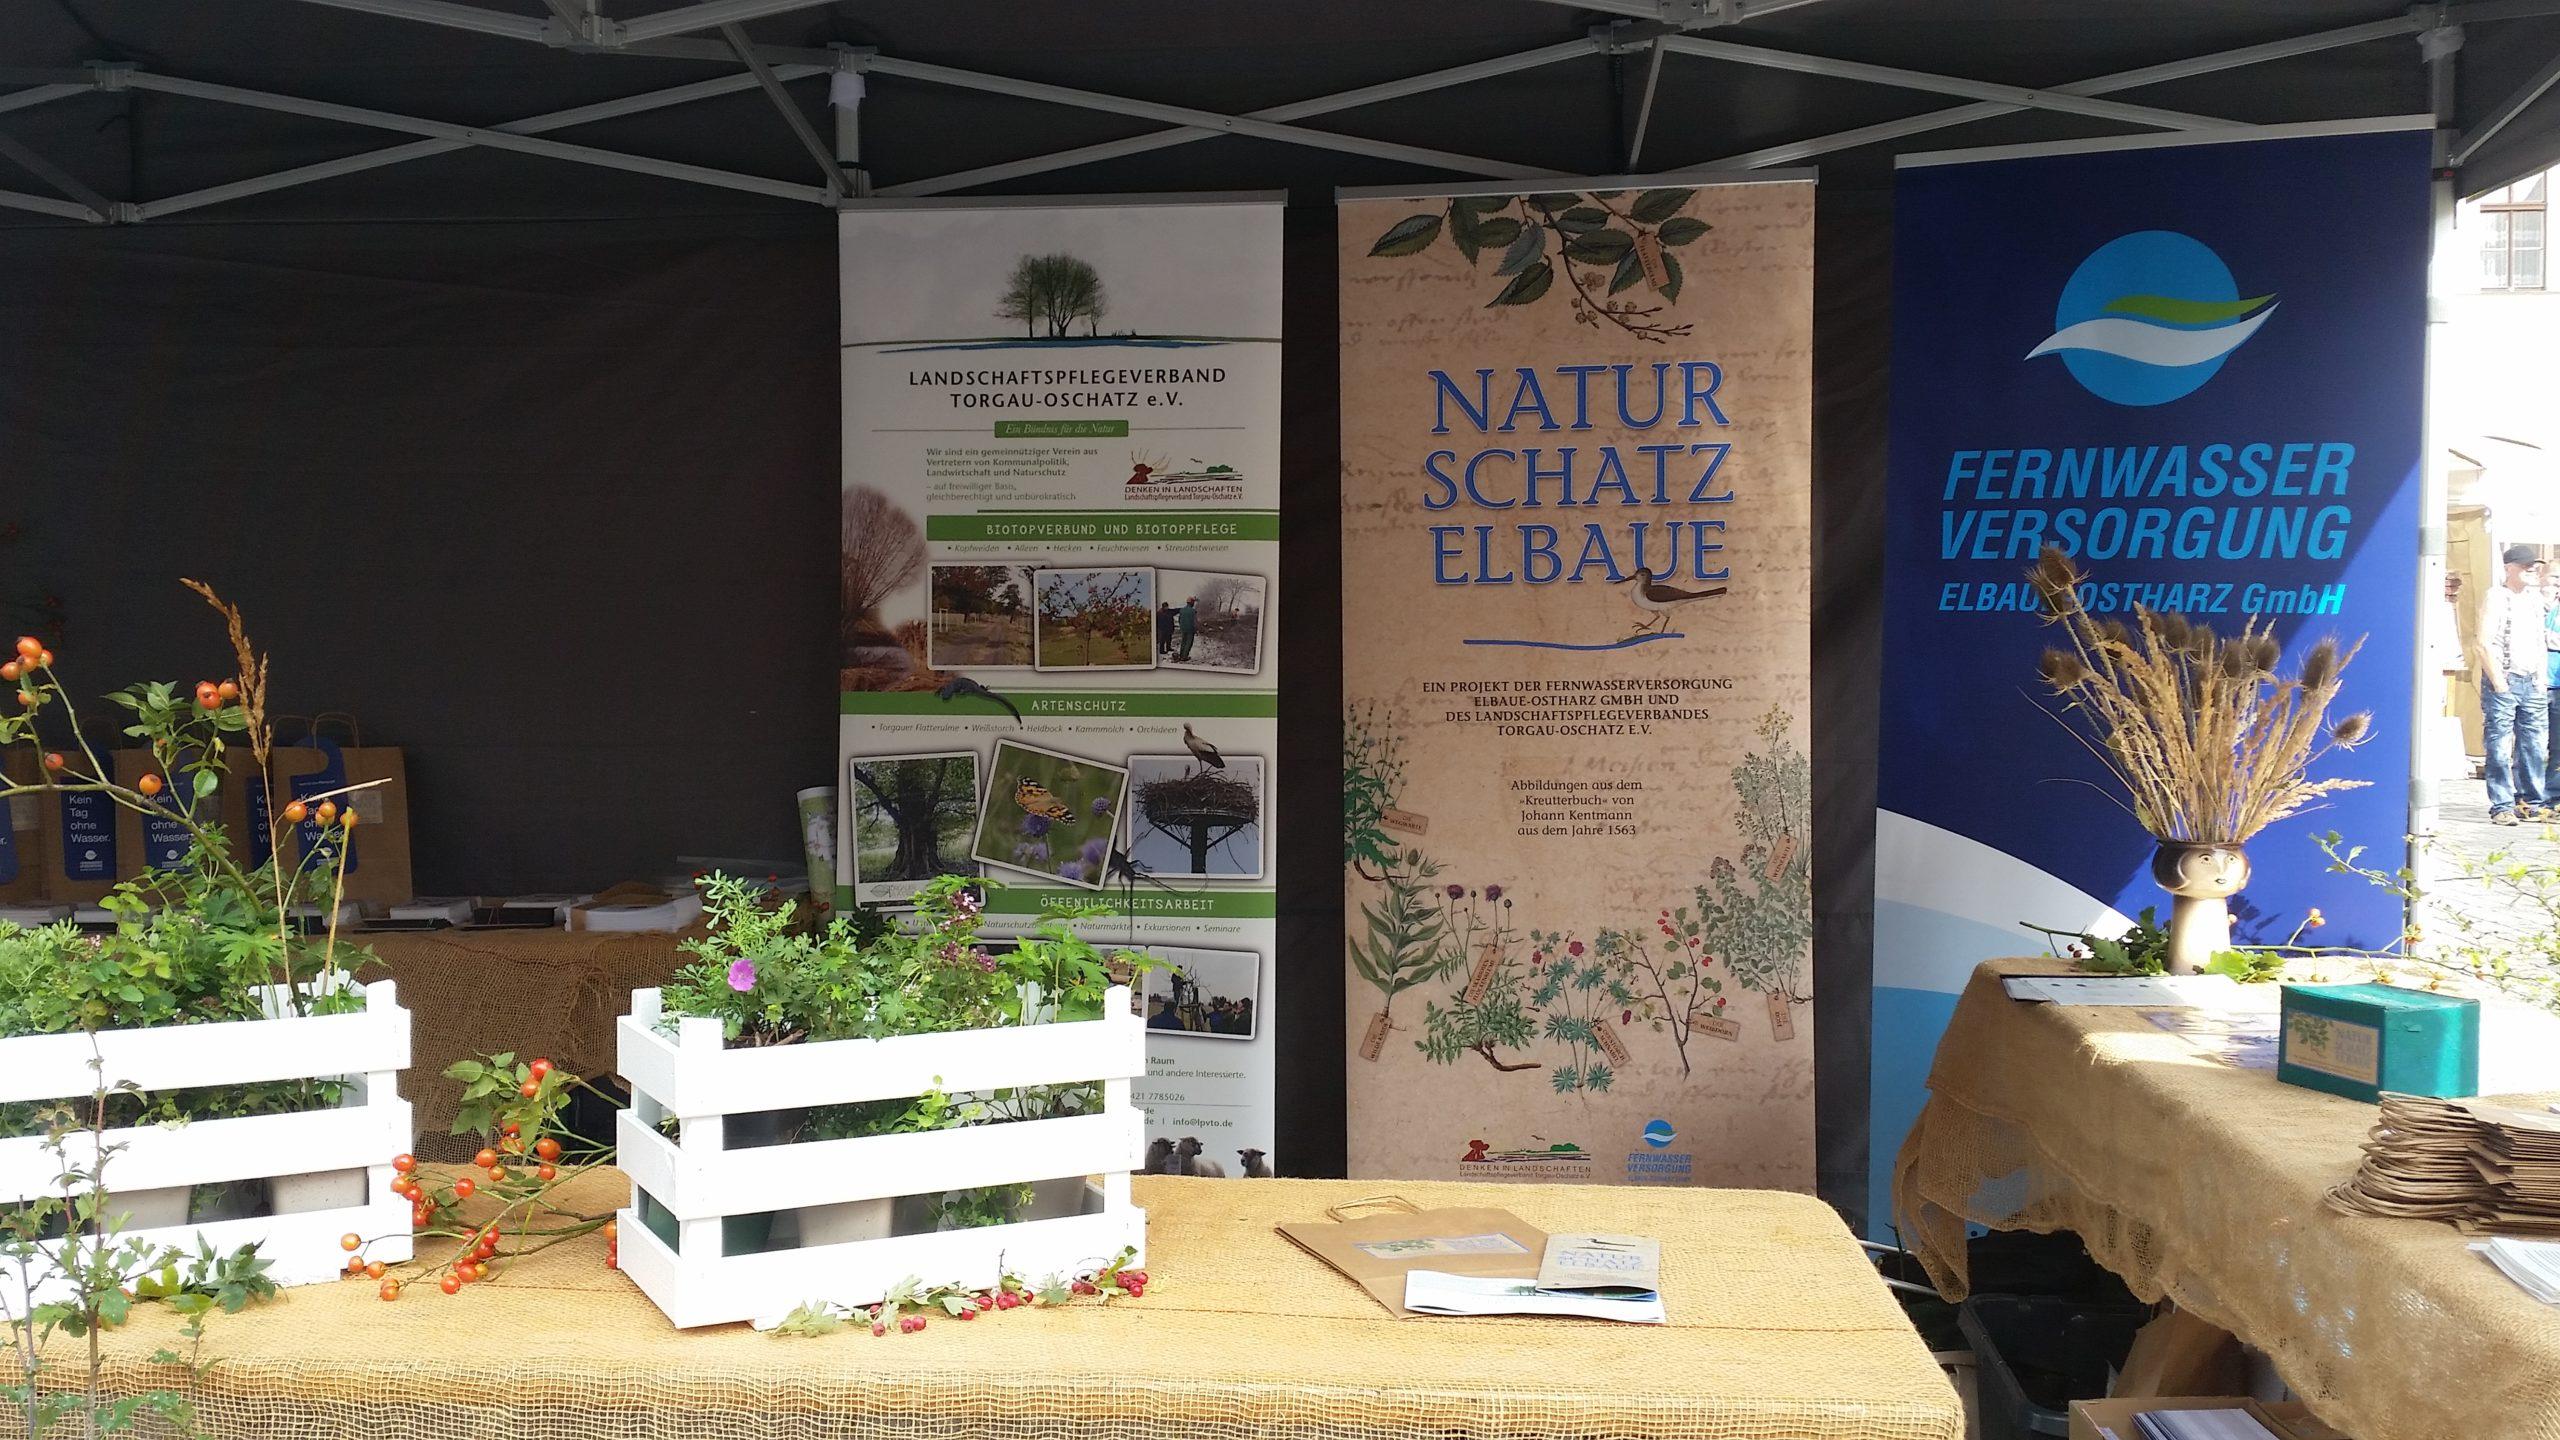 """Projekt """"Natur-Schatz-Elbaue"""" – Dein Beitrag für die Landesgartenschau Torgau 2022"""